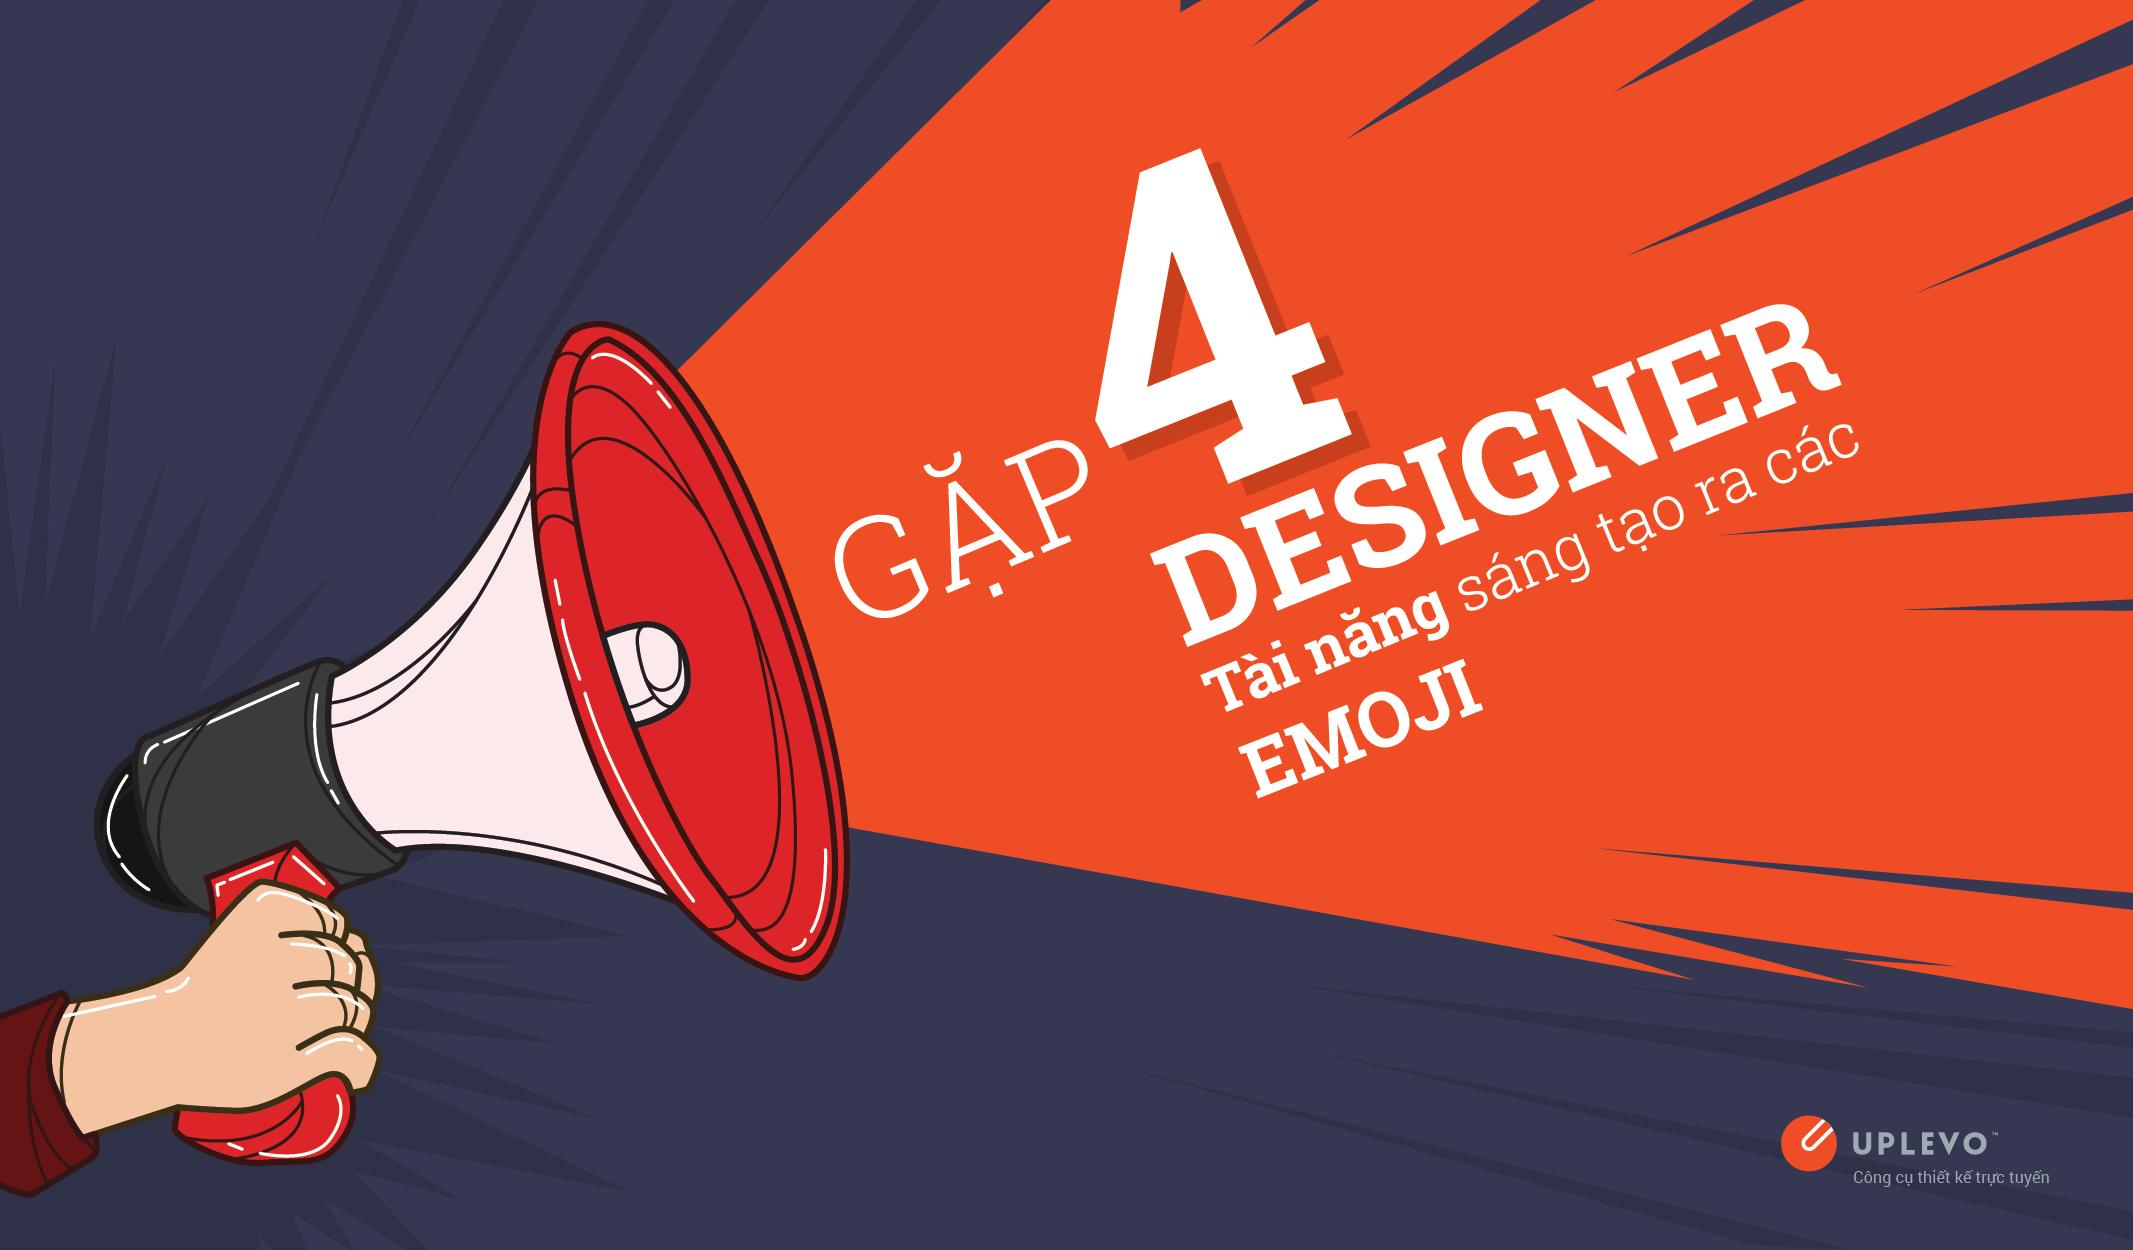 Gặp 4 Designer Sáng Tạo Ra Các Emoji - Ký Tự Đặc Biệt